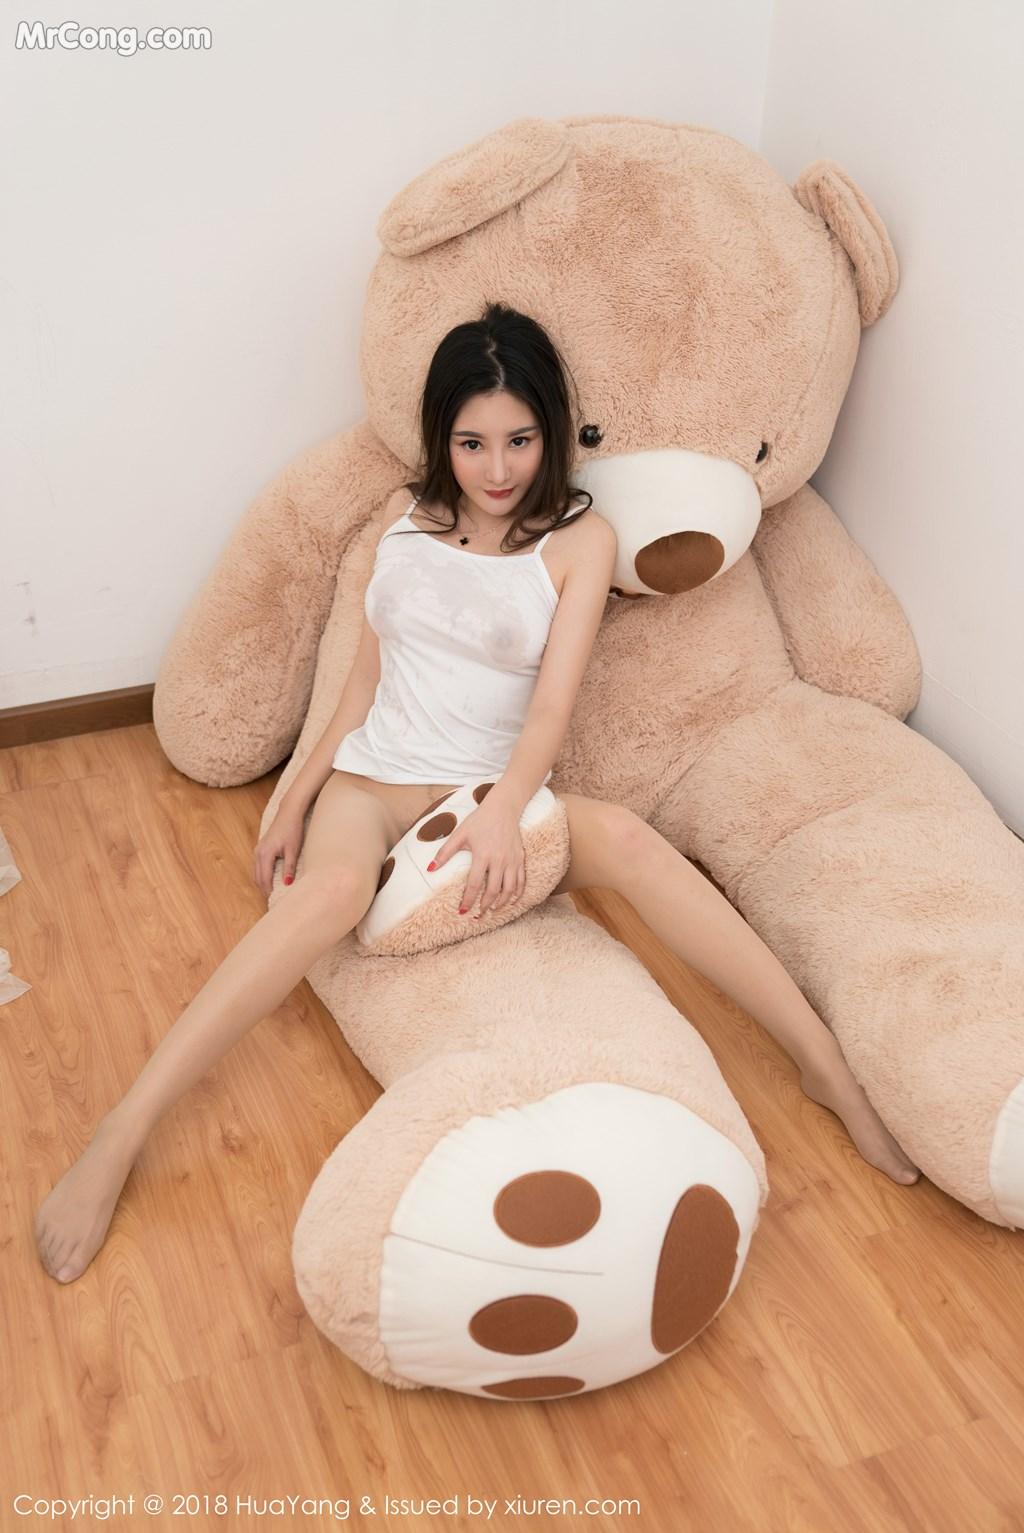 Image HuaYang-2018-03-02-Vol.034-Xiao-Tian-Xin-Candy-MrCong.com-036 in post HuaYang 2018-03-02 Vol.034: Người mẫu Xiao Tian Xin (小甜心Candy) (41 ảnh)